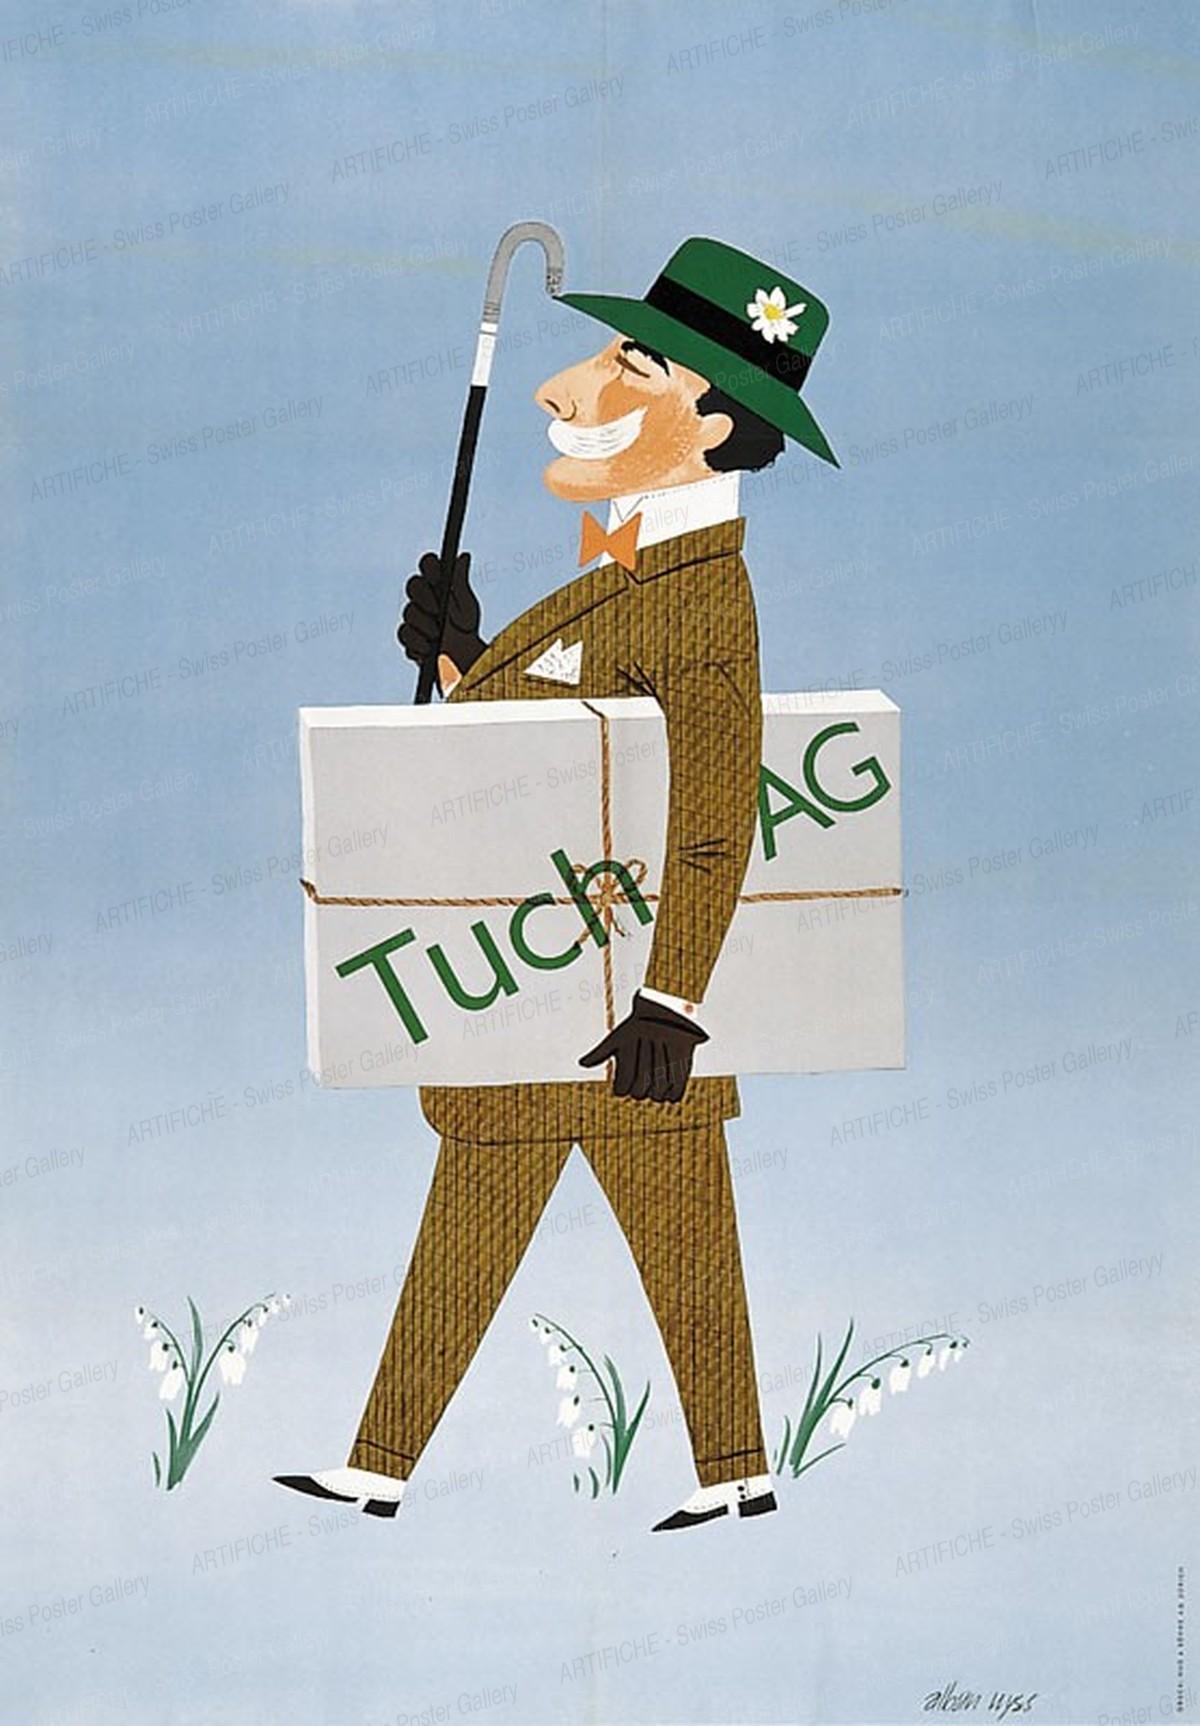 Tuch AG, Alban Wyss